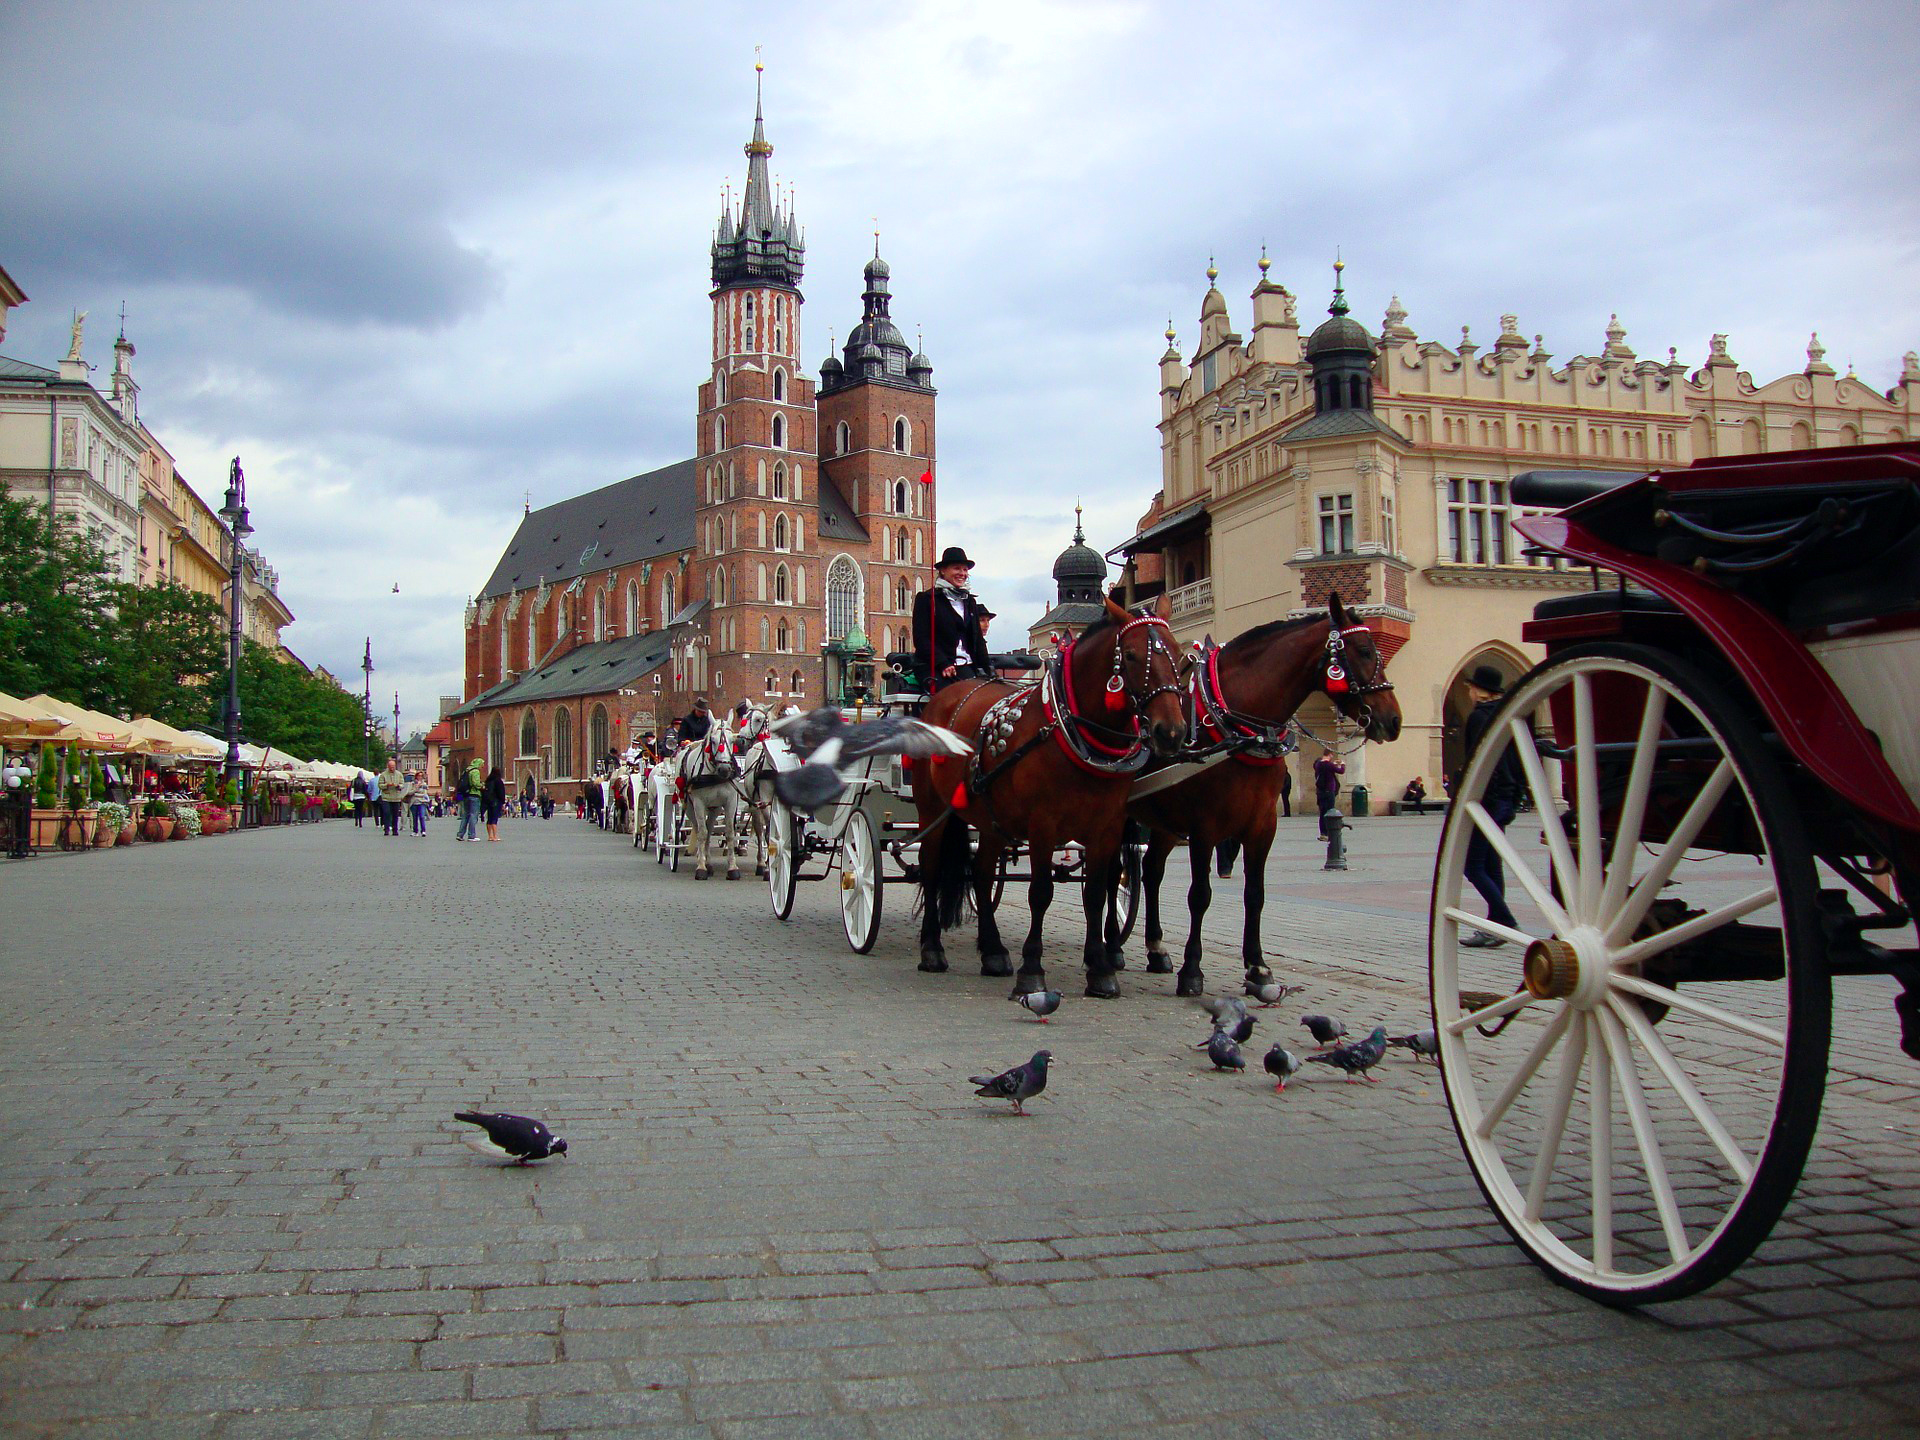 Qué ver en Cracovia, Krakow, Polonia, Poland qué ver en cracovia - 25591729627 bddbe381a5 o - Qué ver en Cracovia, Polonia